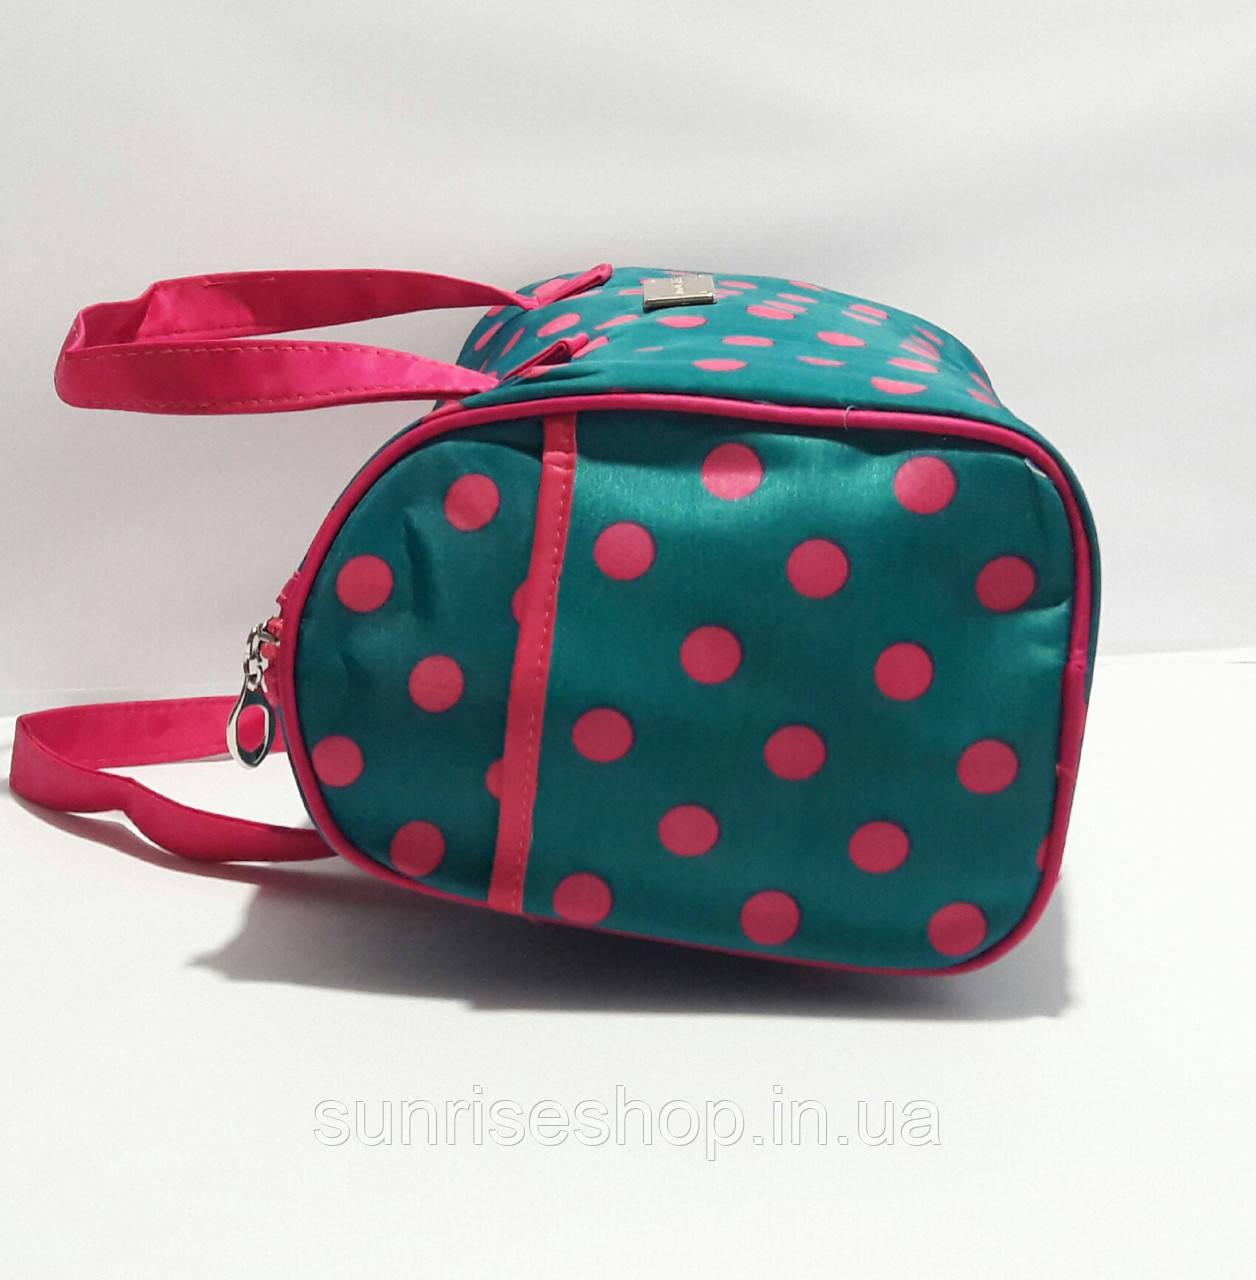 Женская косметичка несессер в форме сумки - фото 4